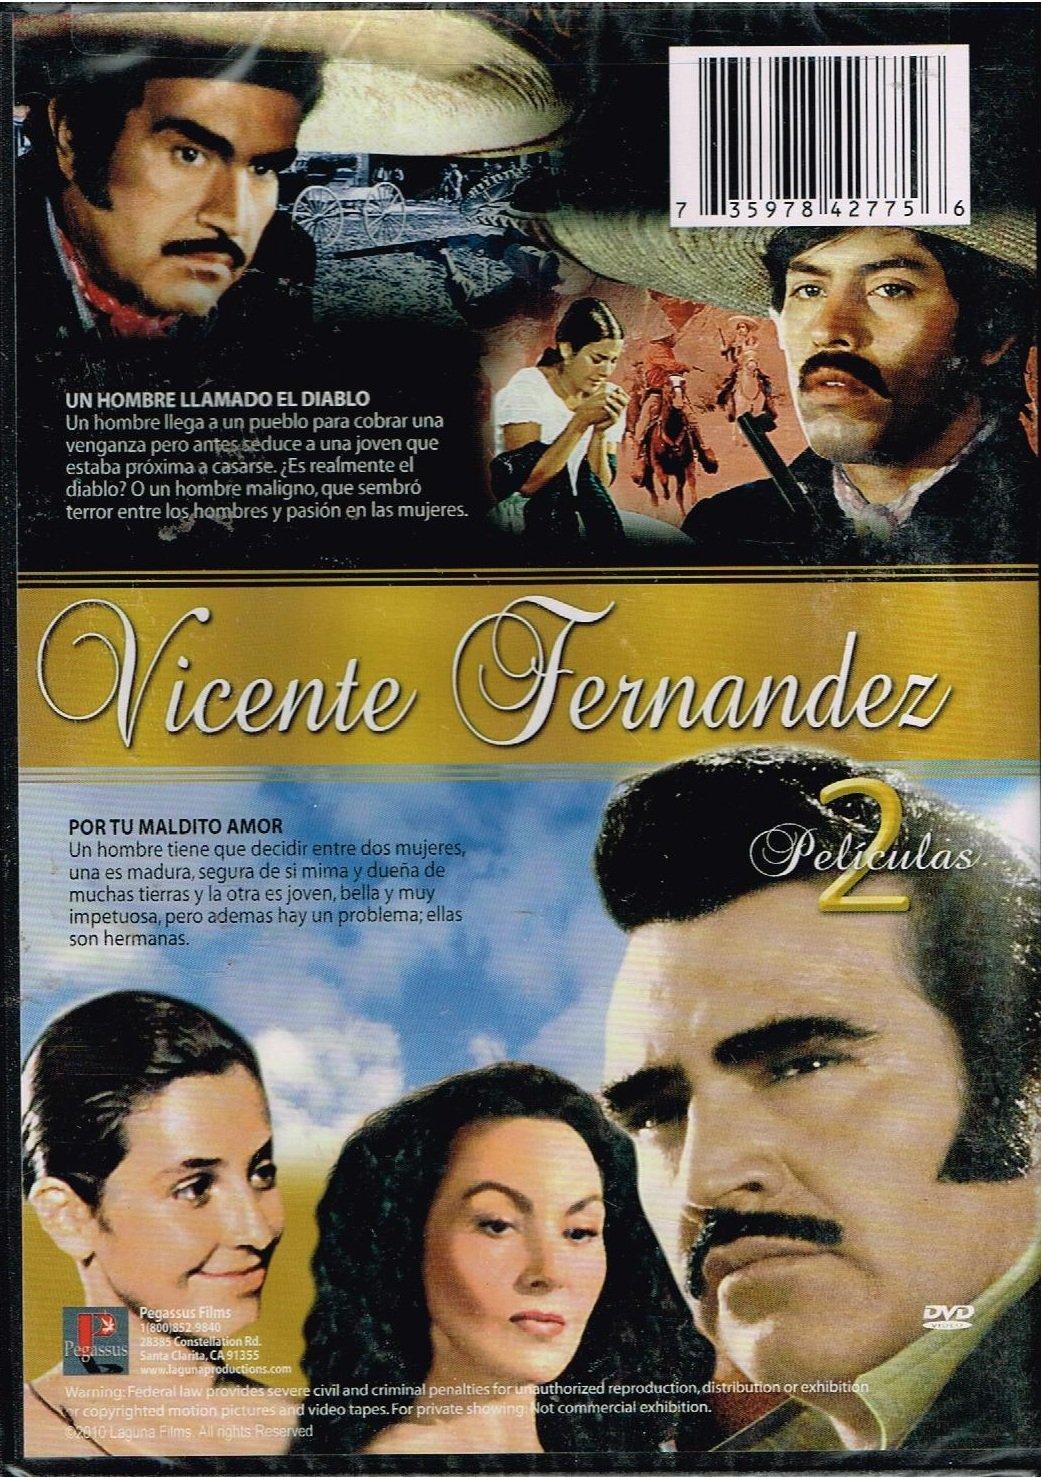 Vicente Fernandez 2 Peliculas Un Hombre Llamado El Diablo Por Tu Maildito Amor Cine Y Tv